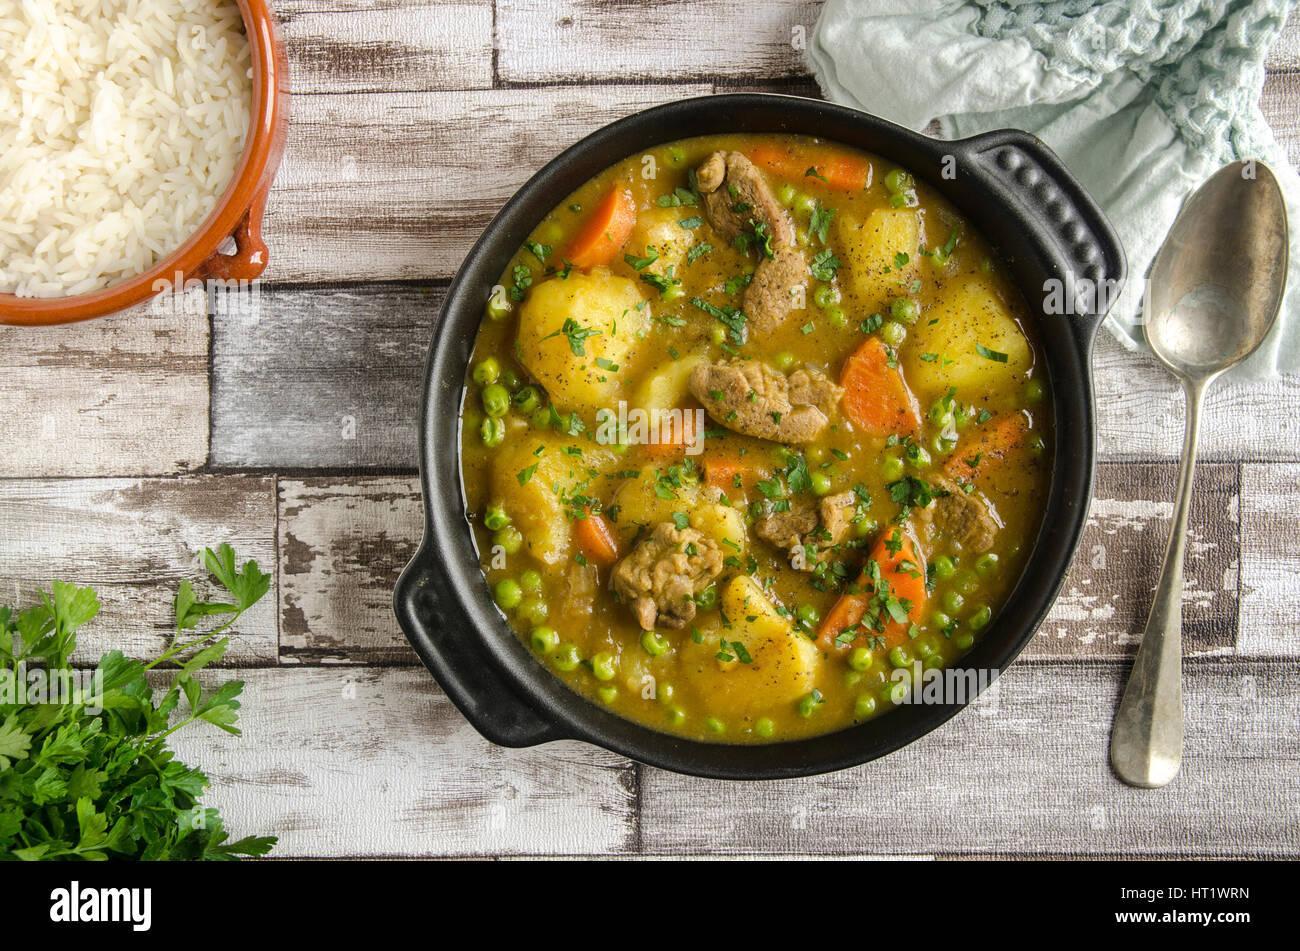 Agnello speziata e stufato di verdure con riso basmati Immagini Stock